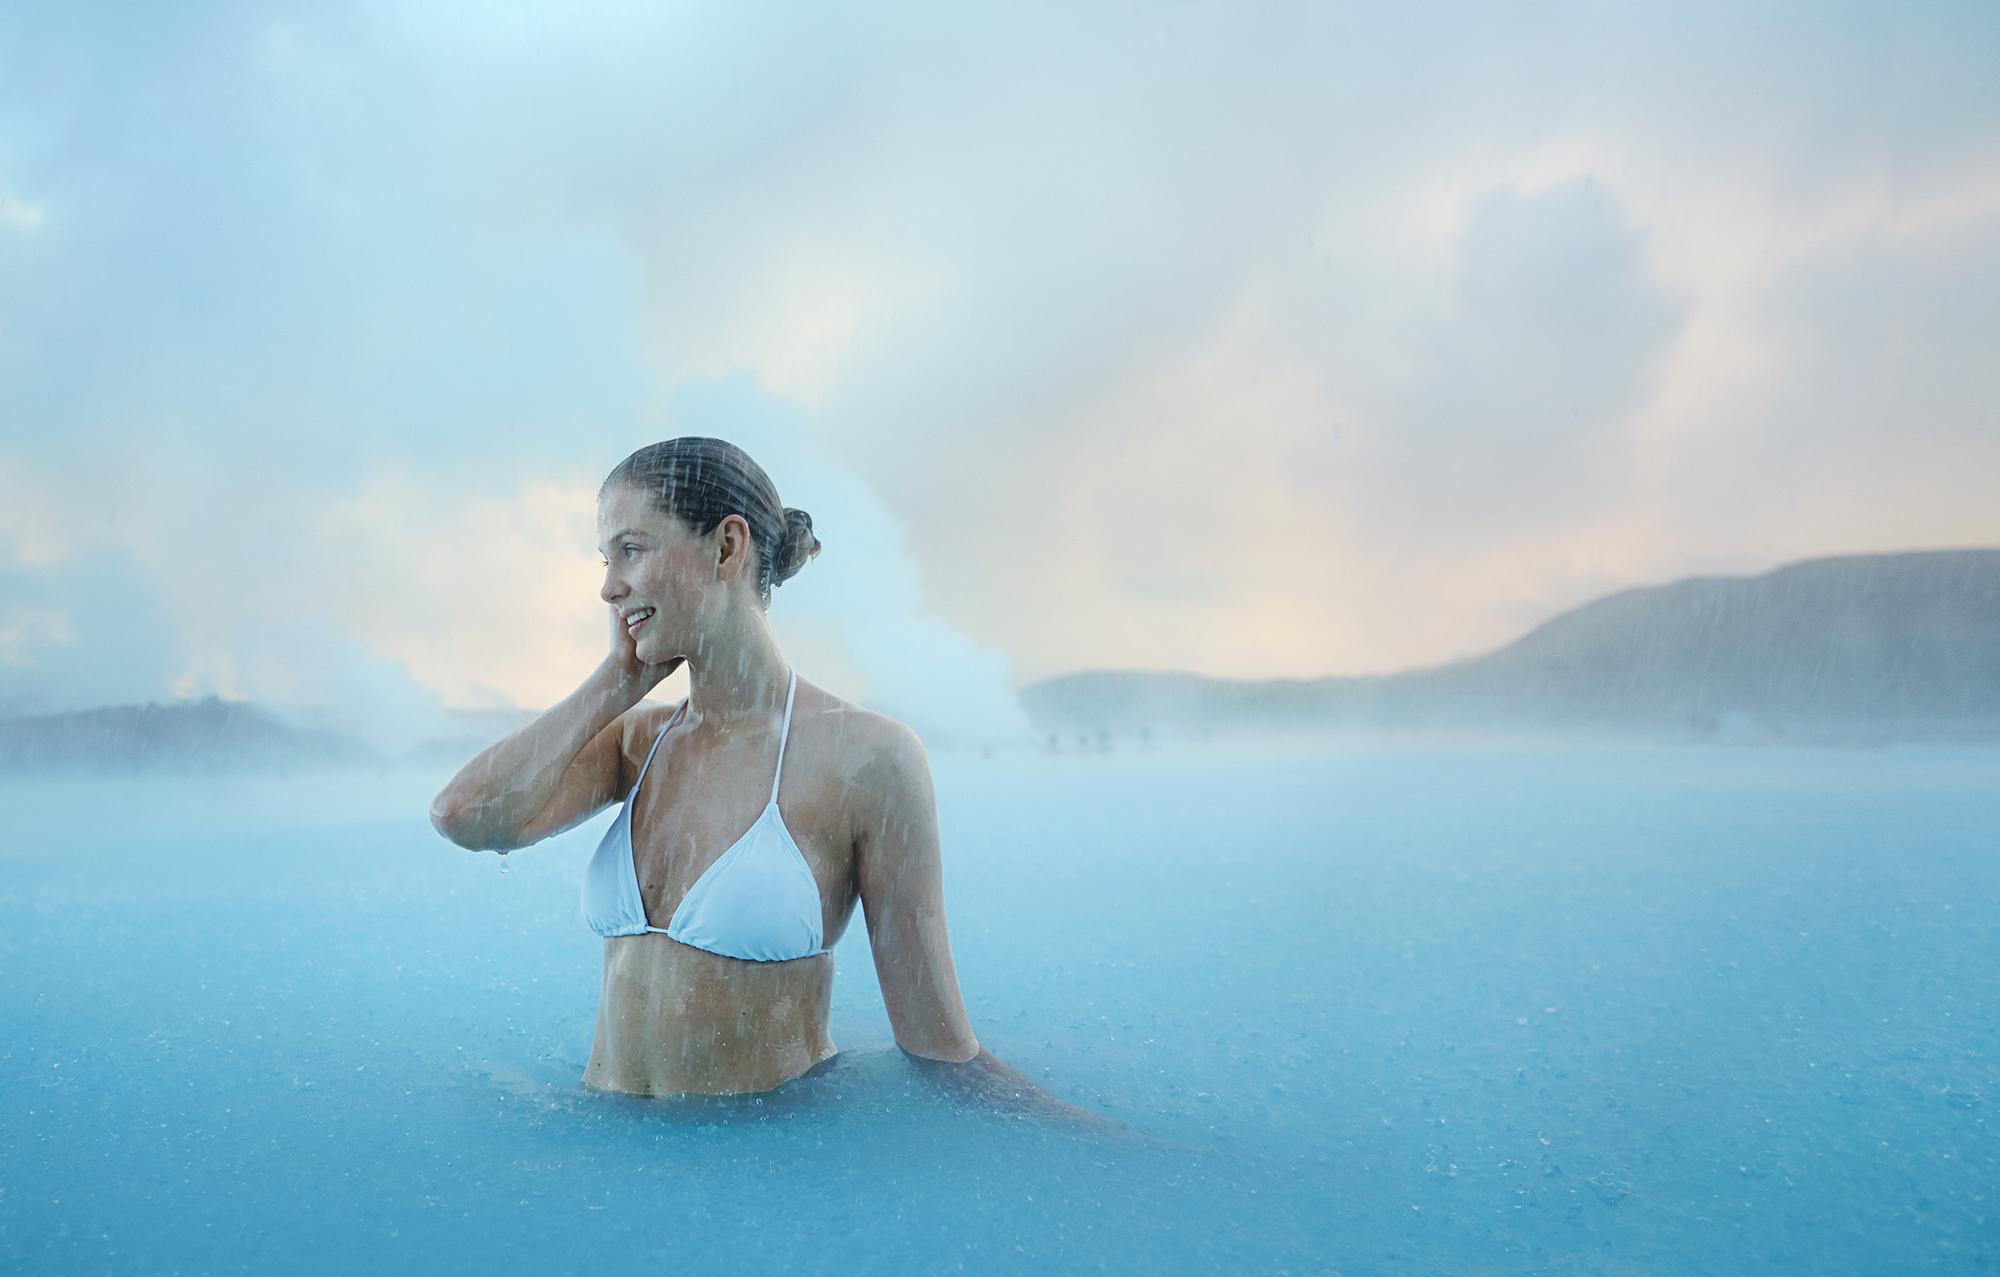 Spa Blue Lagoon jest ulubionym miejscem zarówno wśród turystów, jak i mieszkańców, dzięki właściwościom leczniczym błota krzemionkowego i kojącej ciepłej wody.